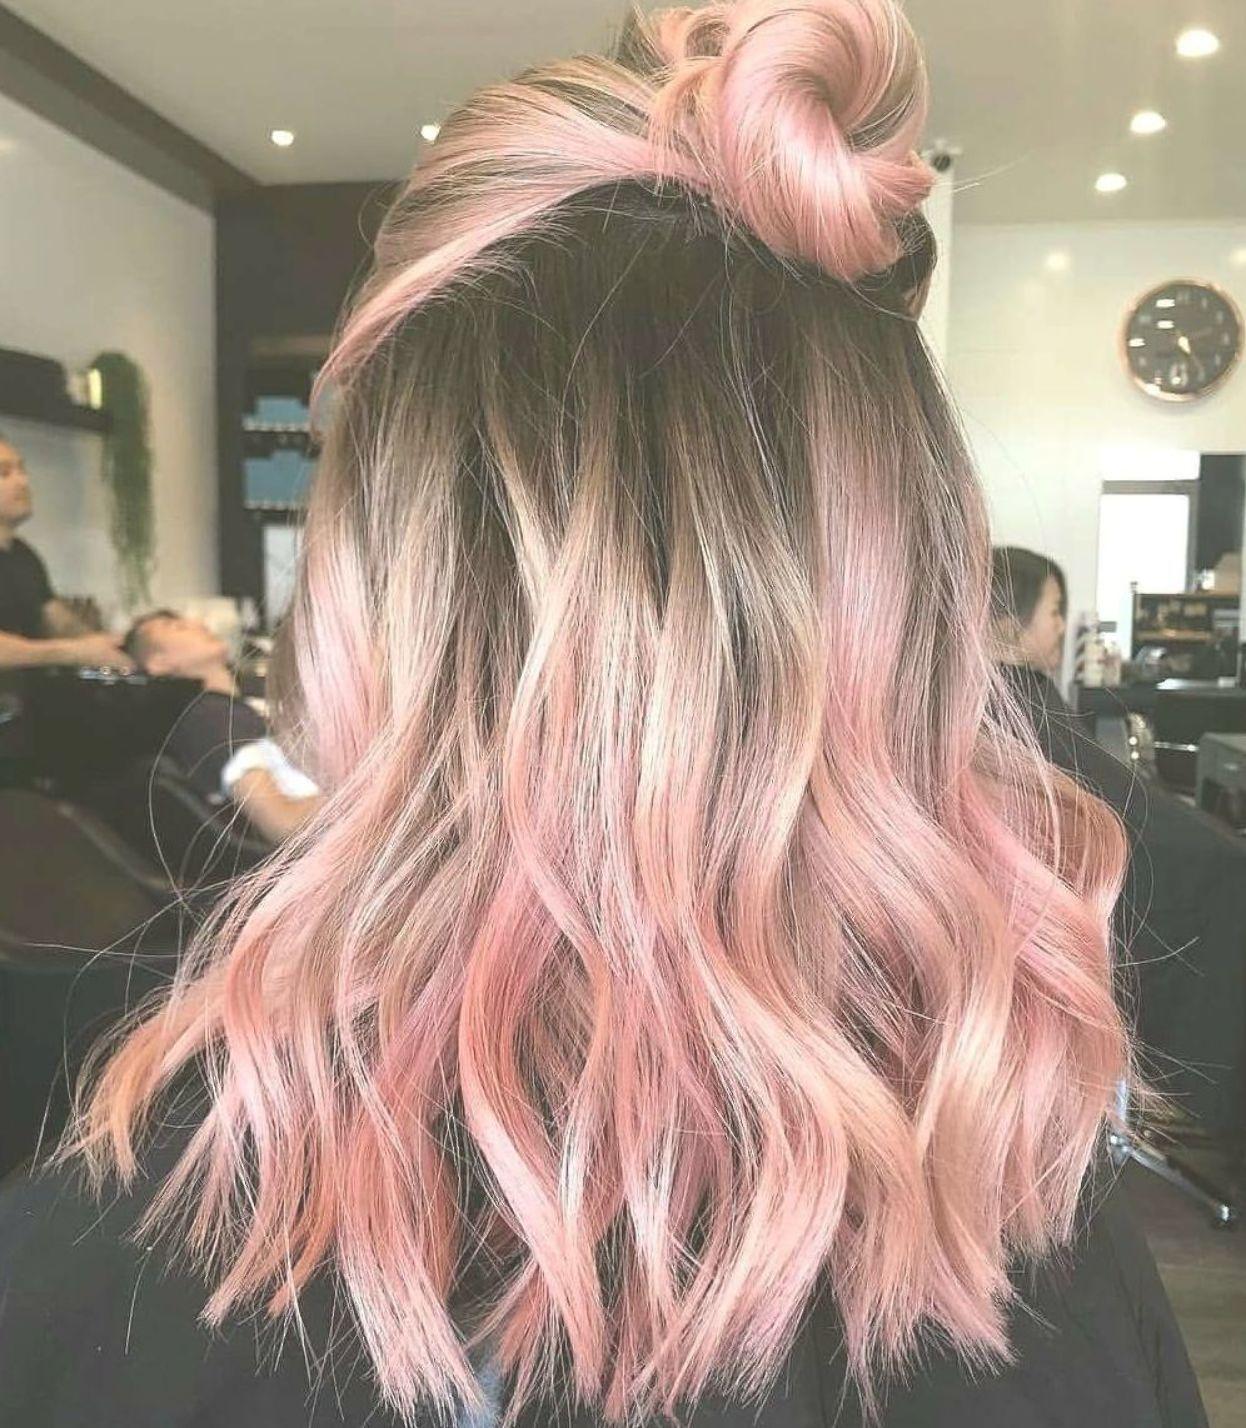 Cute 85 Pastel Pink Hair Ideas Hairandhairstyles Haircolour Hairdo Hairfashion Hairideas Hairoft Pink Ombre Hair Fun Summer Hair Color Pink Hair Tips